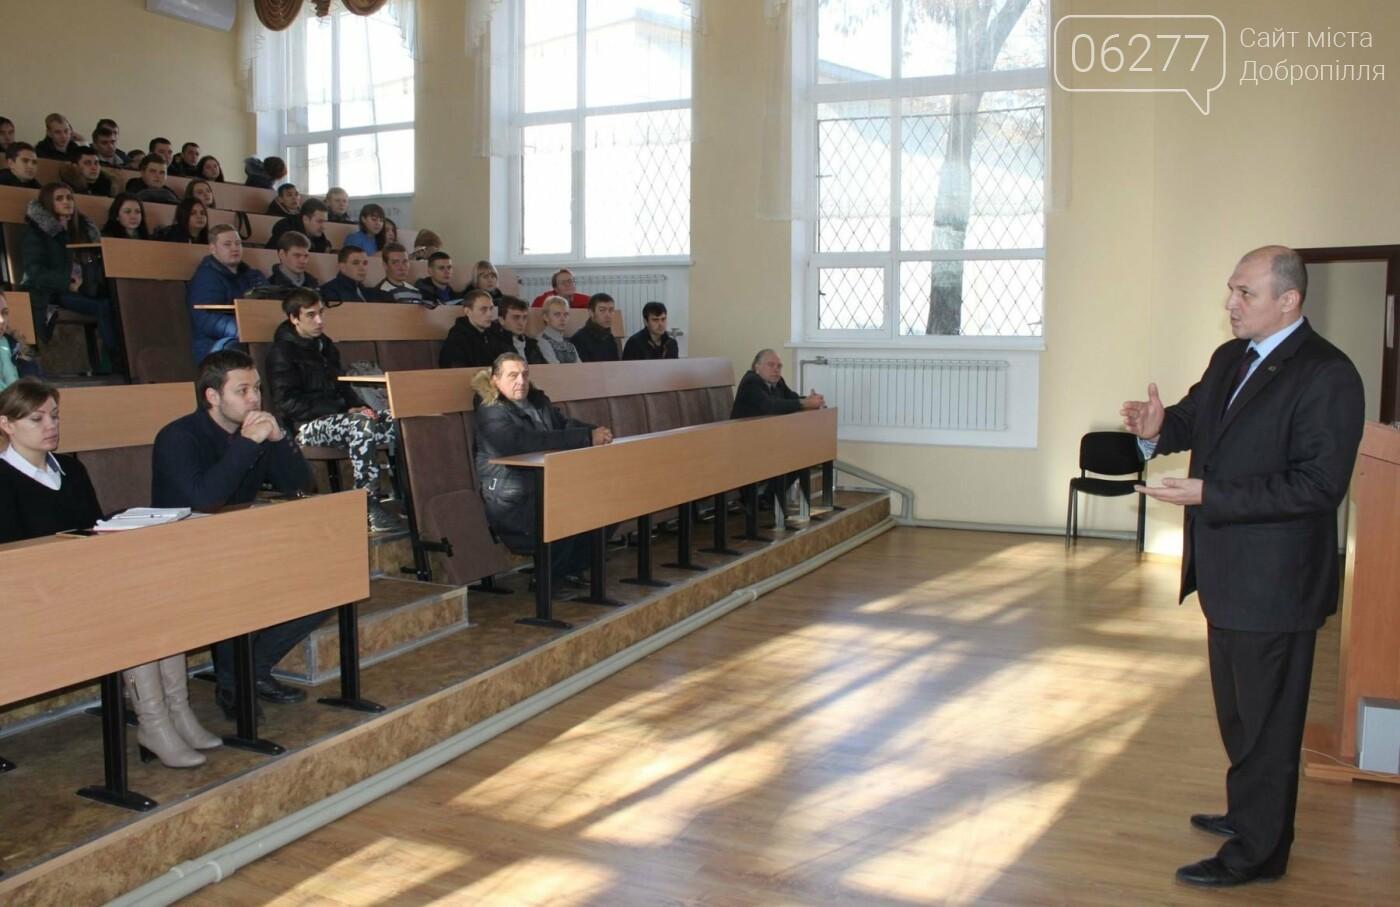 Студенты ДонНТУ познакомились с потенциальными работодателями, фото-1